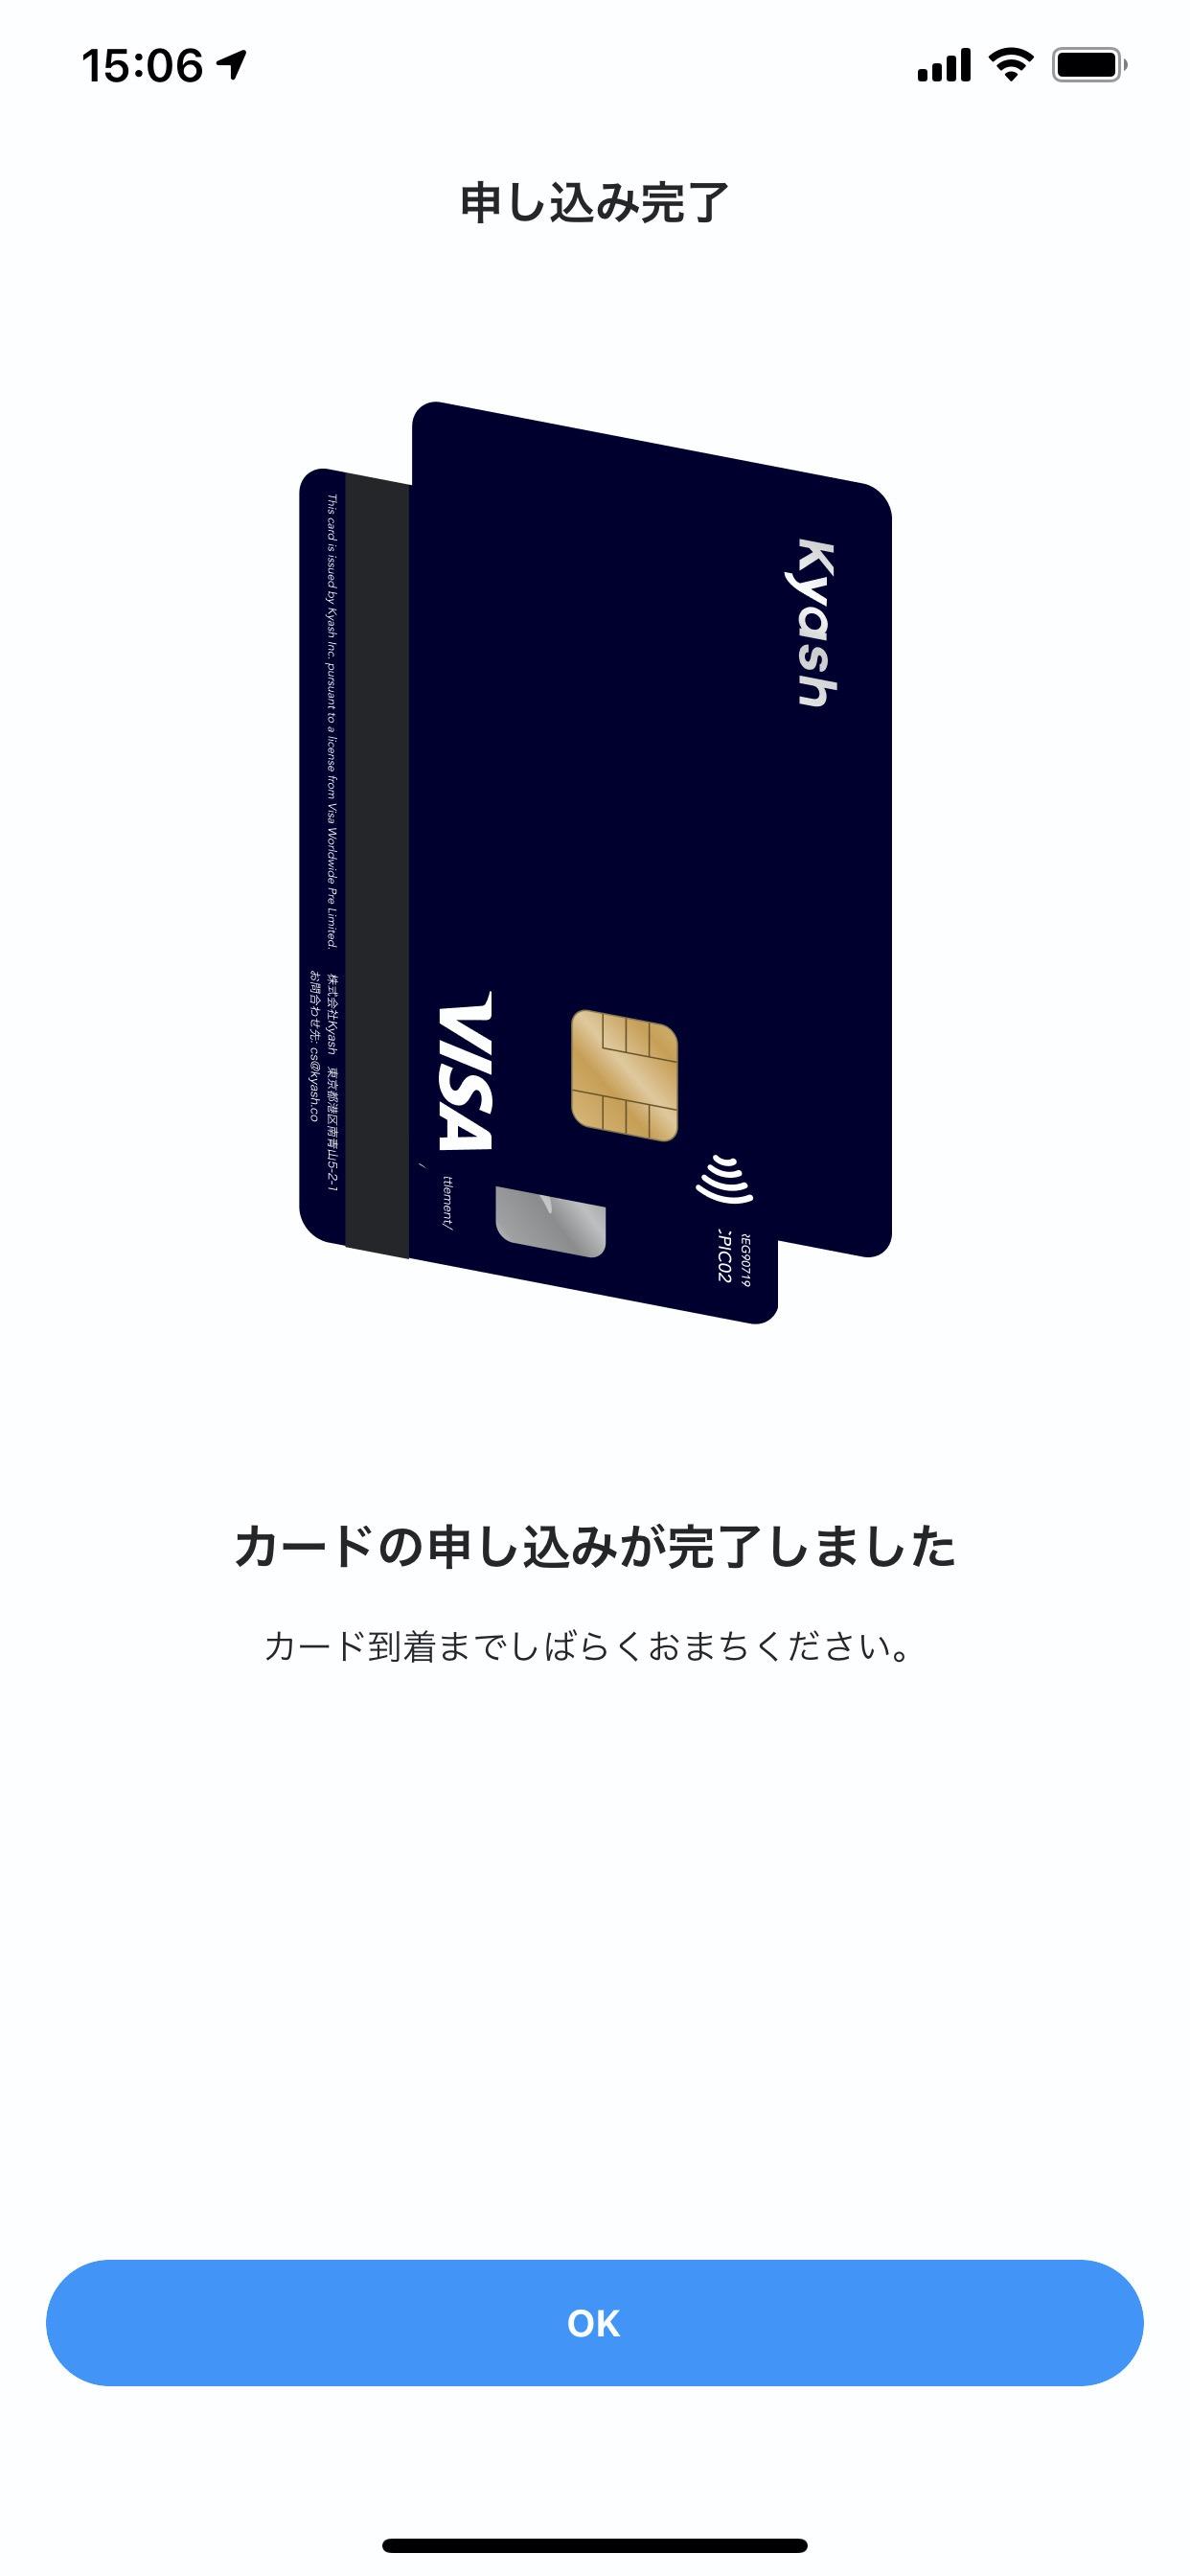 「Kyash Card」を申し込む方法 12